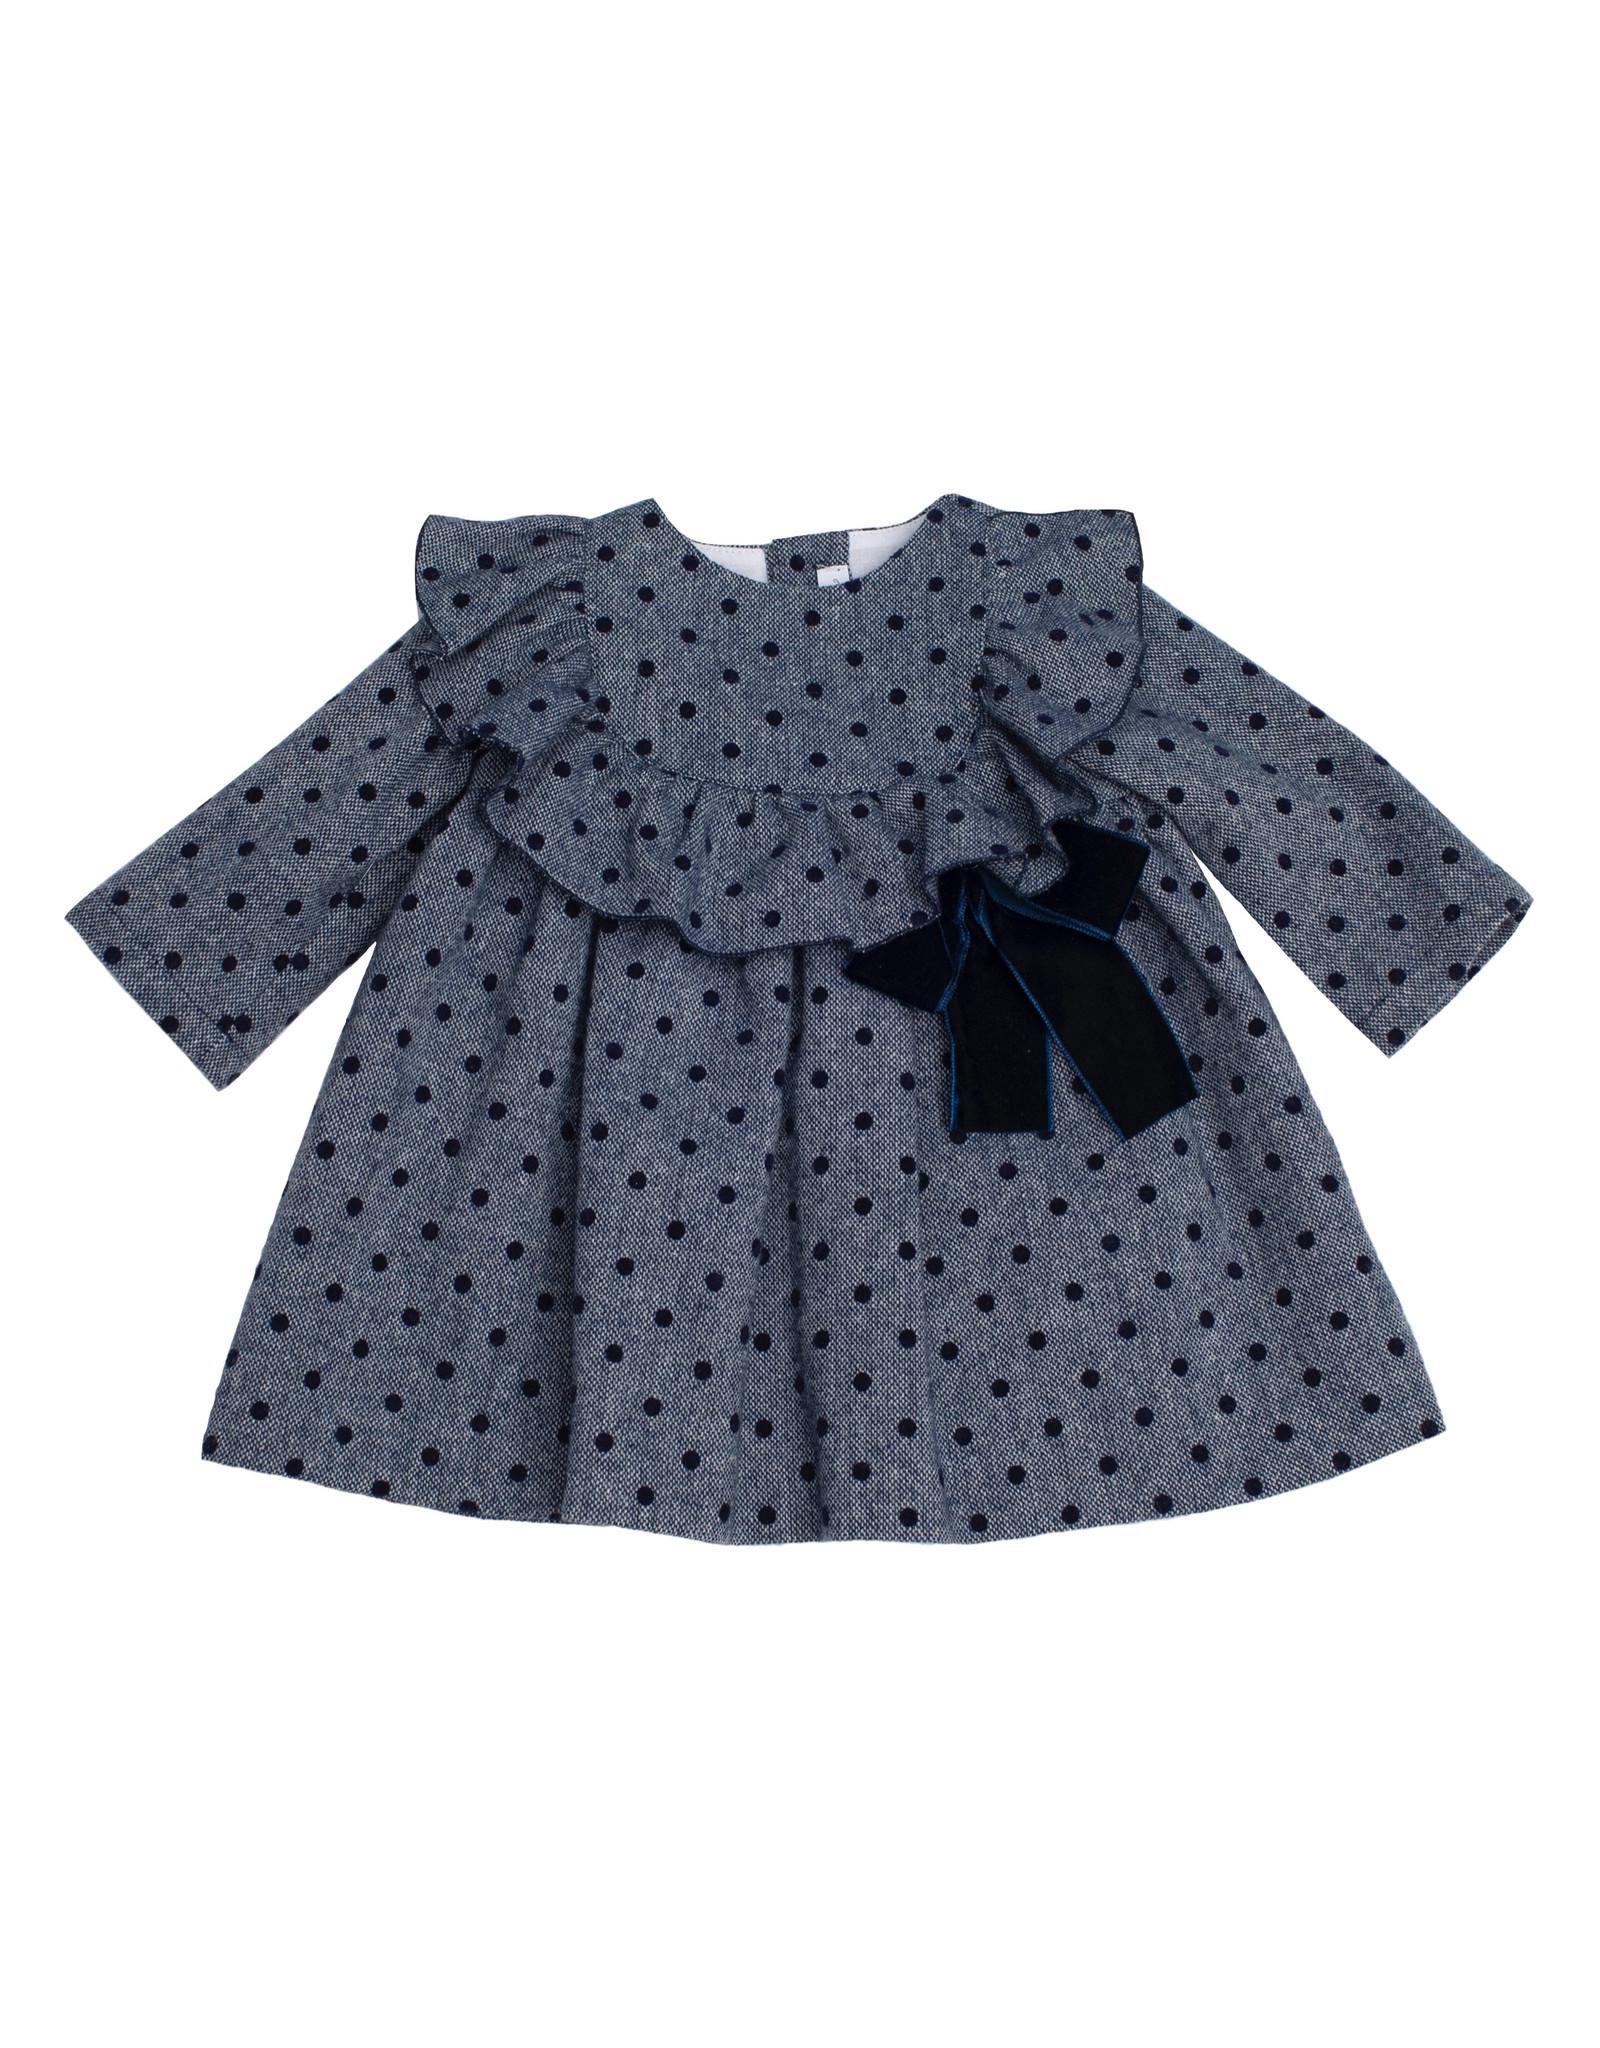 FINA EJERIQUE Polka Dot Dress